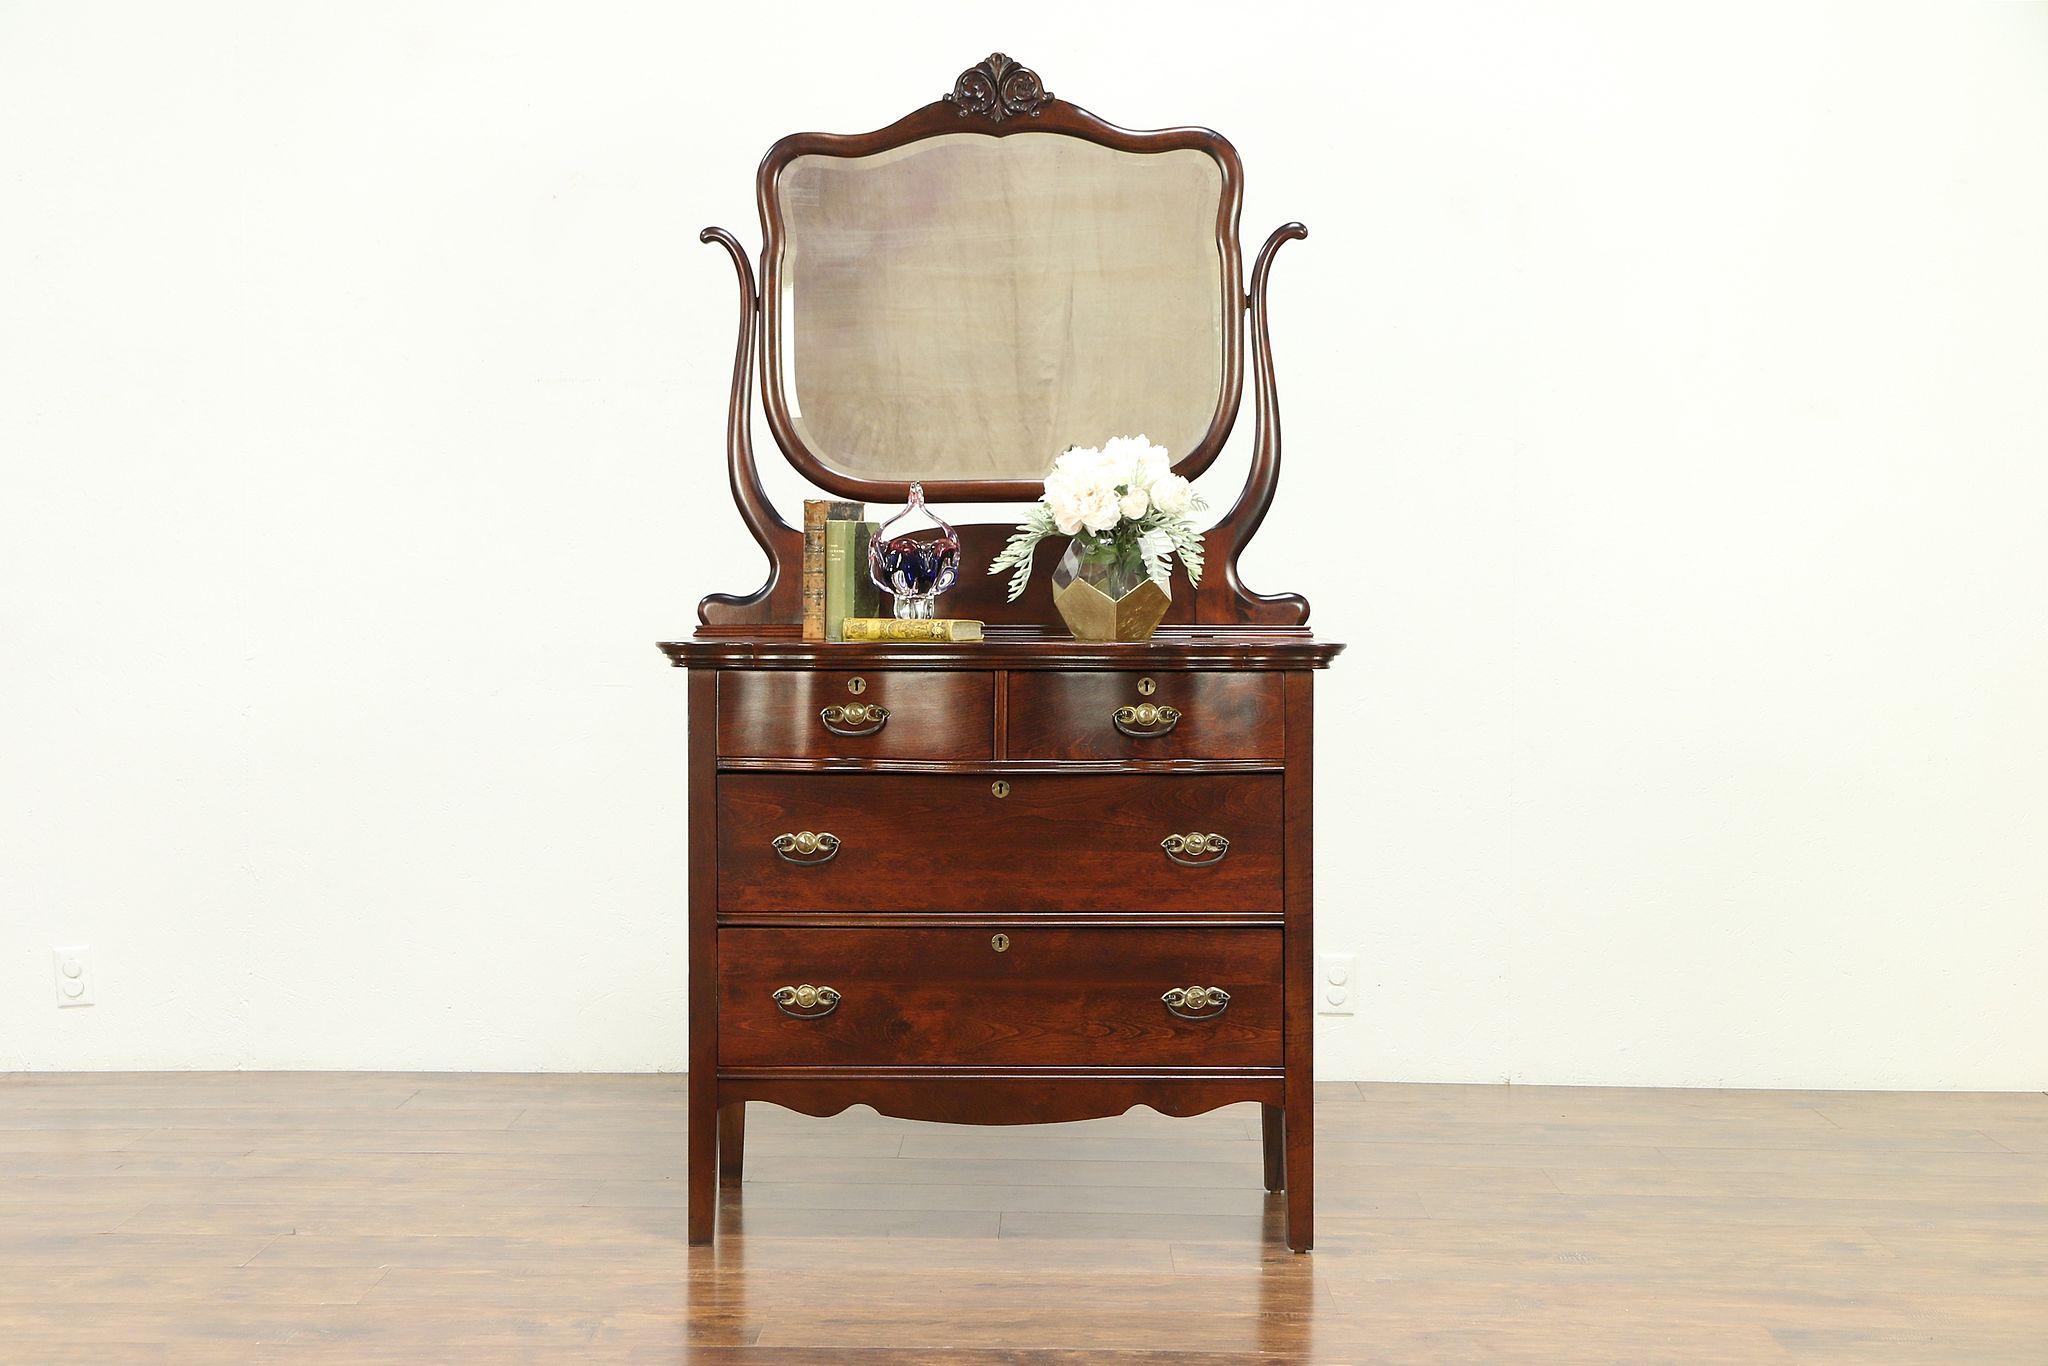 Victorian Antique 1900 Chest Or Dresser Beveled Swivel Mirror